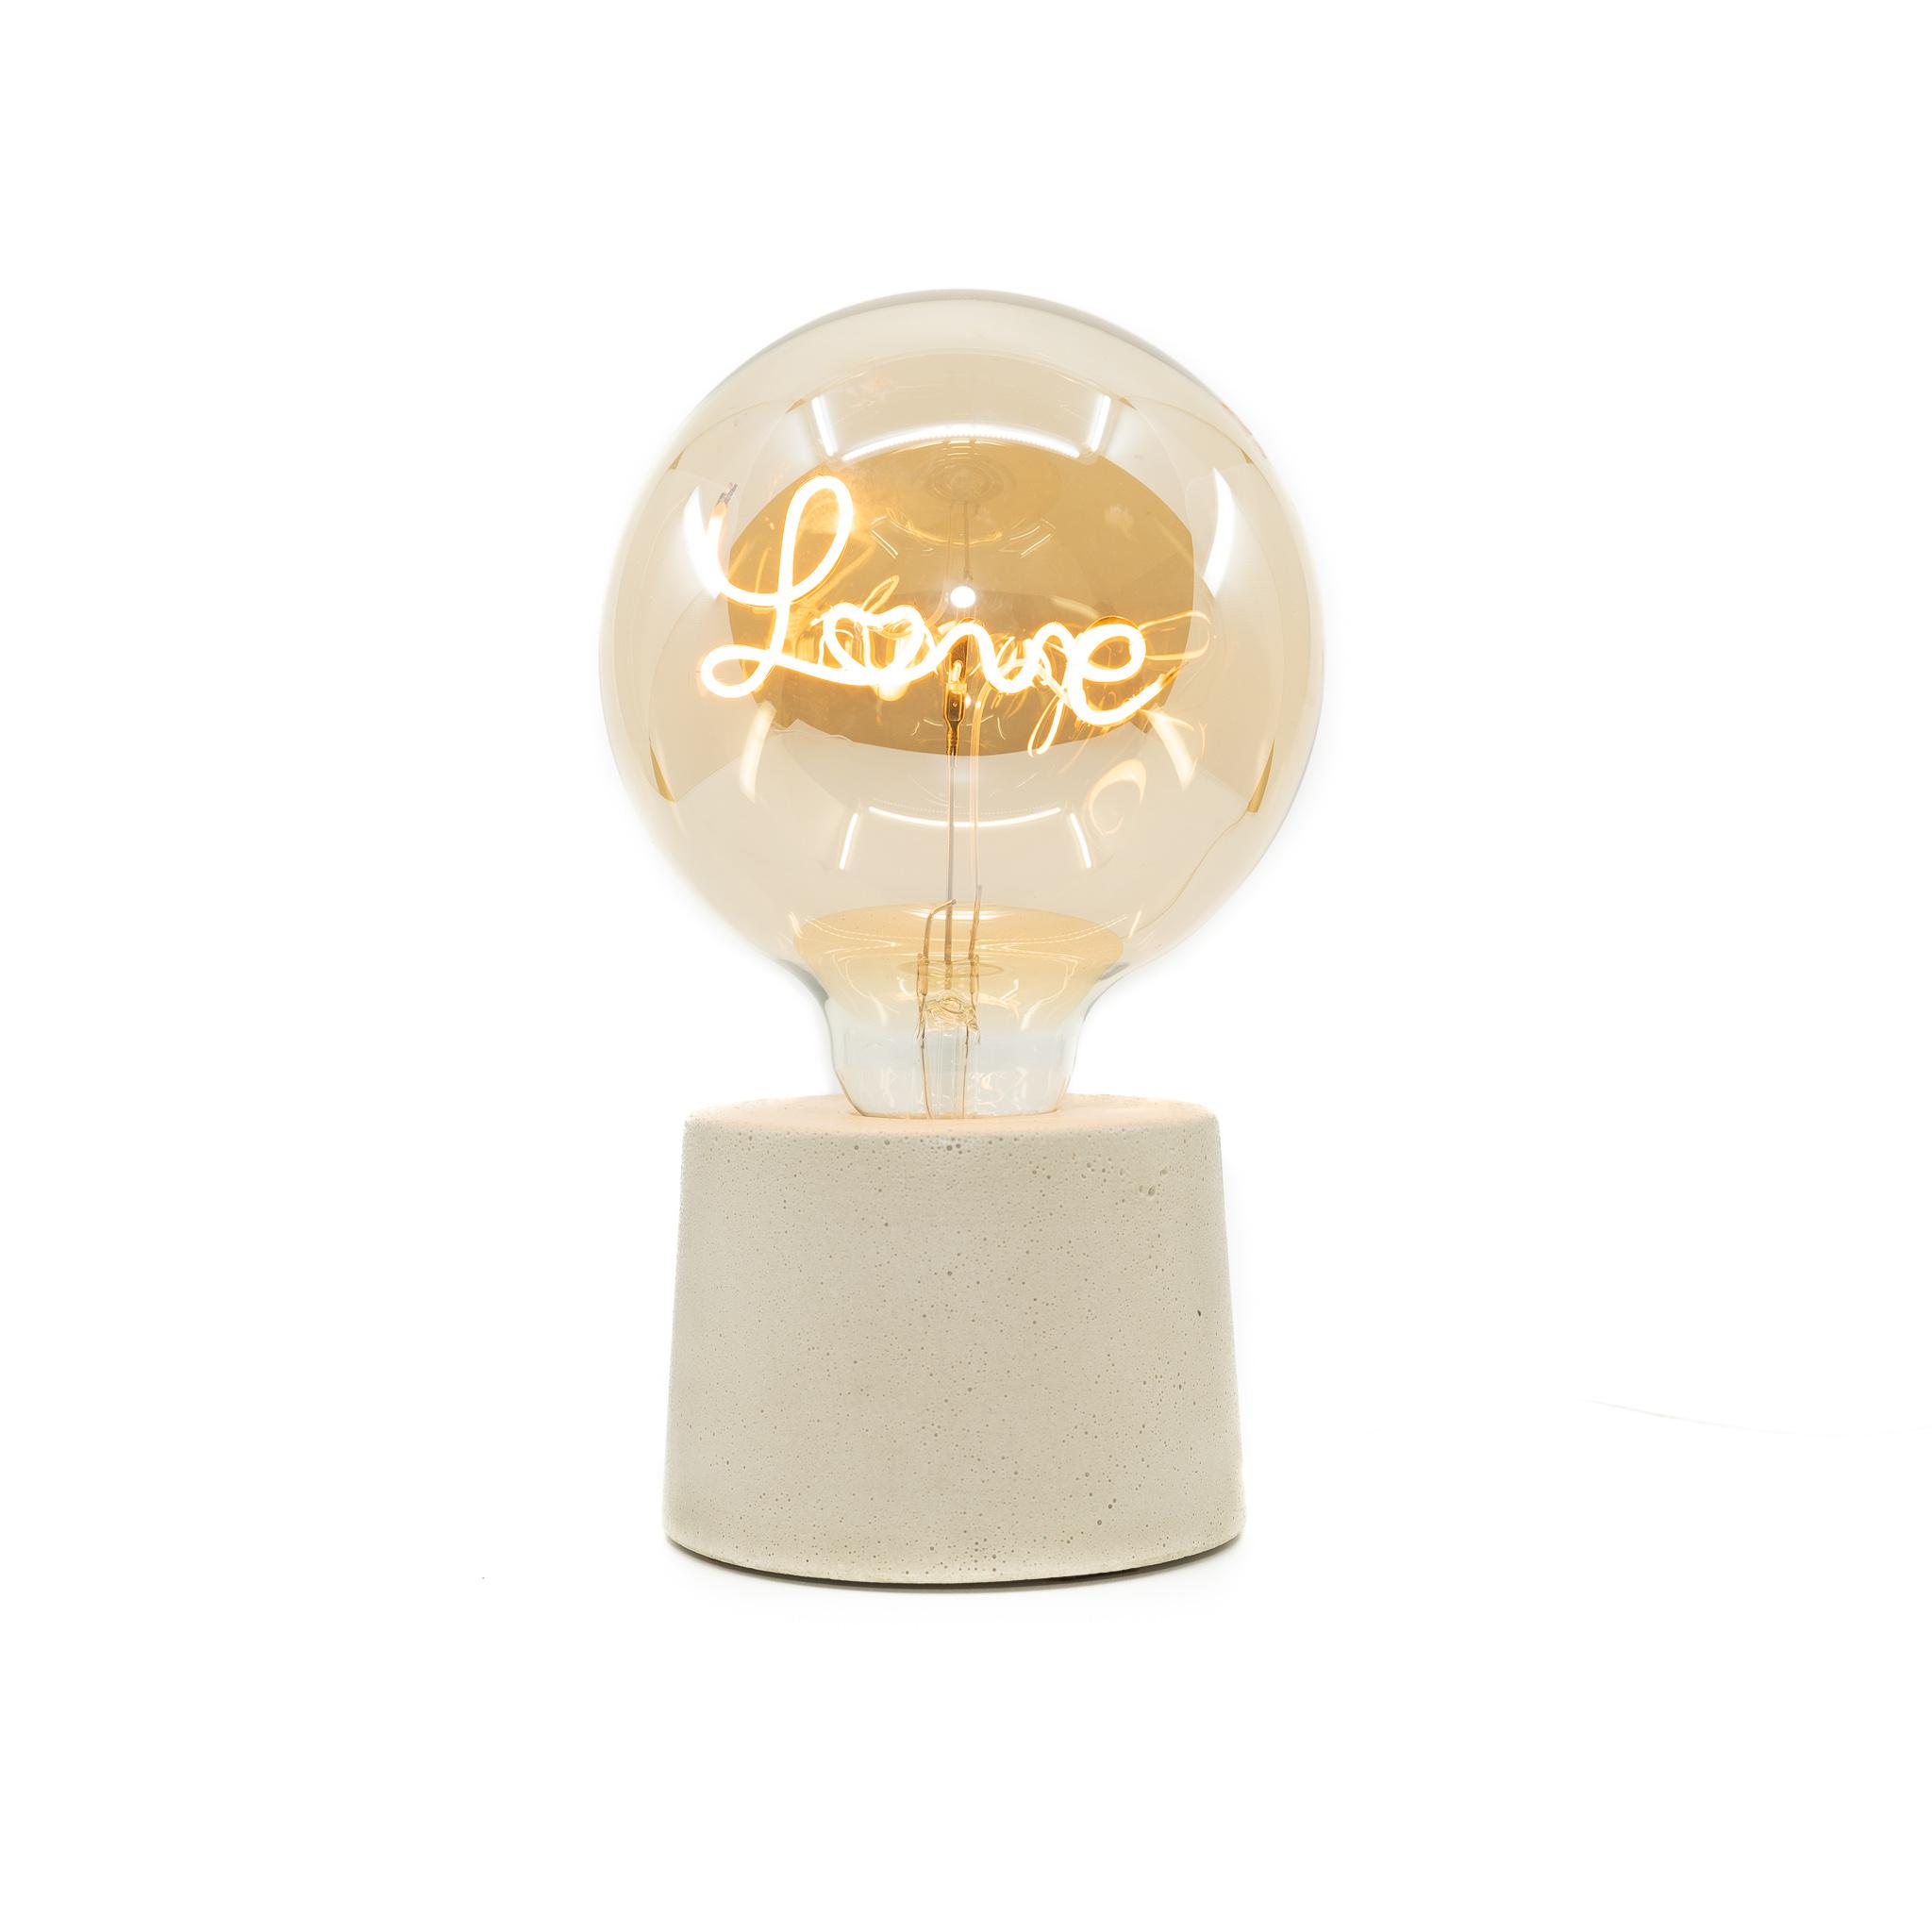 Lampe en béton beige et ampoule love